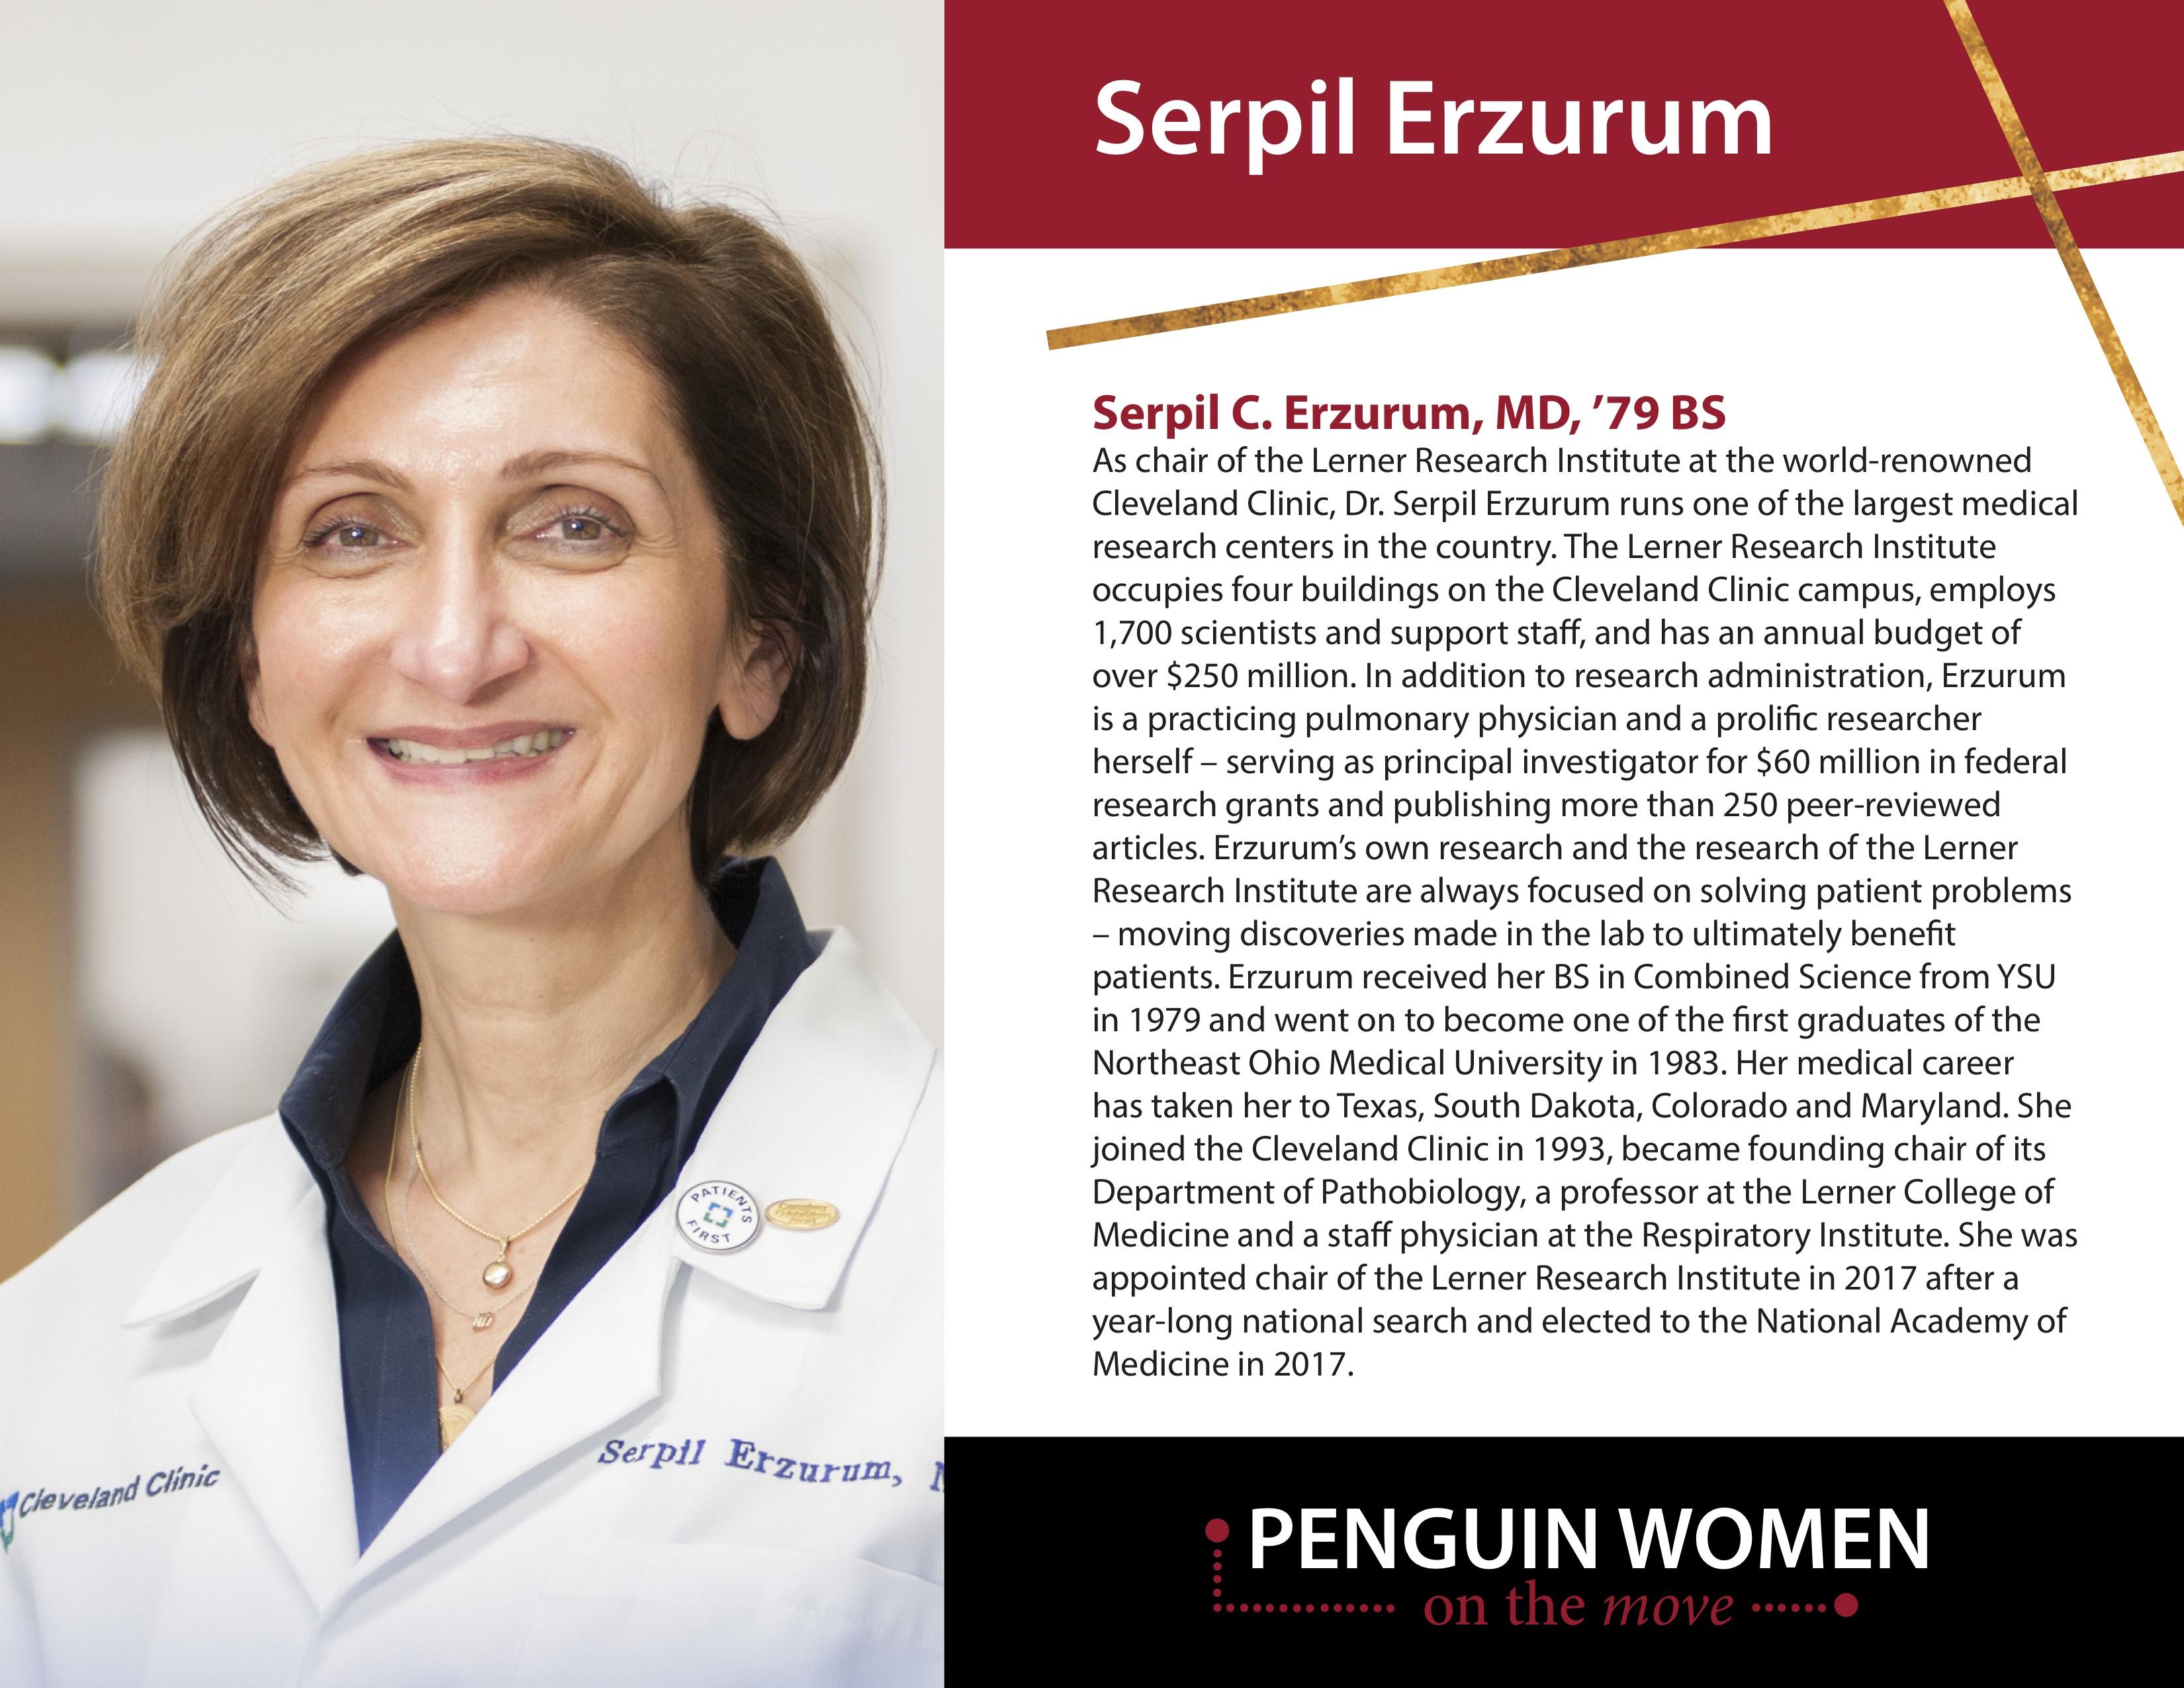 Serpil Erzurum